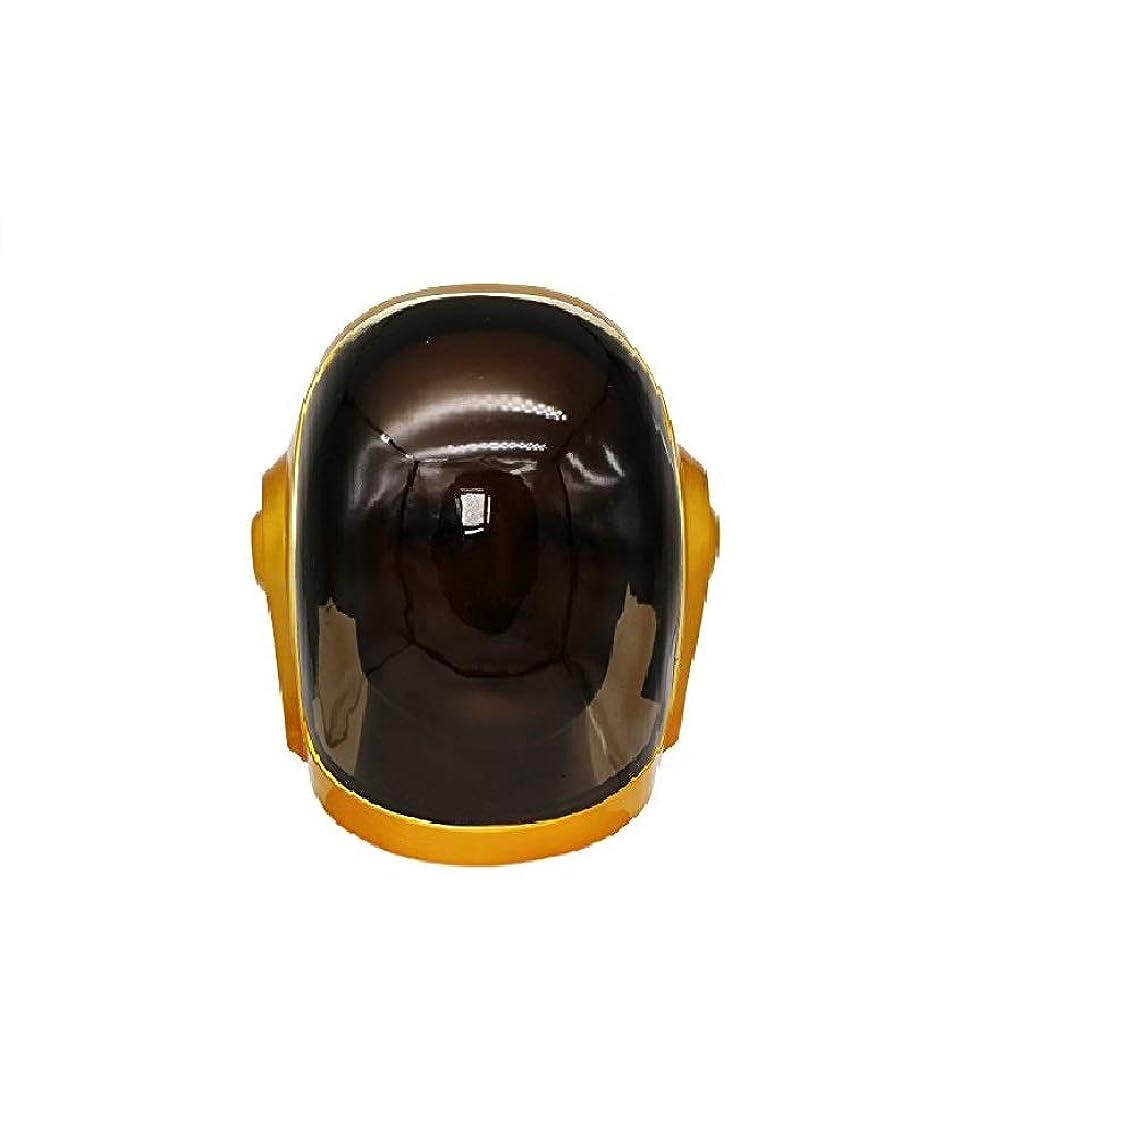 アロング市長ナイトスポットXcoser ダフト?パンクマスクヘルメット1:1コスプレ小道具レプリカトーマ?バンガルテルヘルメット ノーマル ガイ?マヌエル?ヘルメット